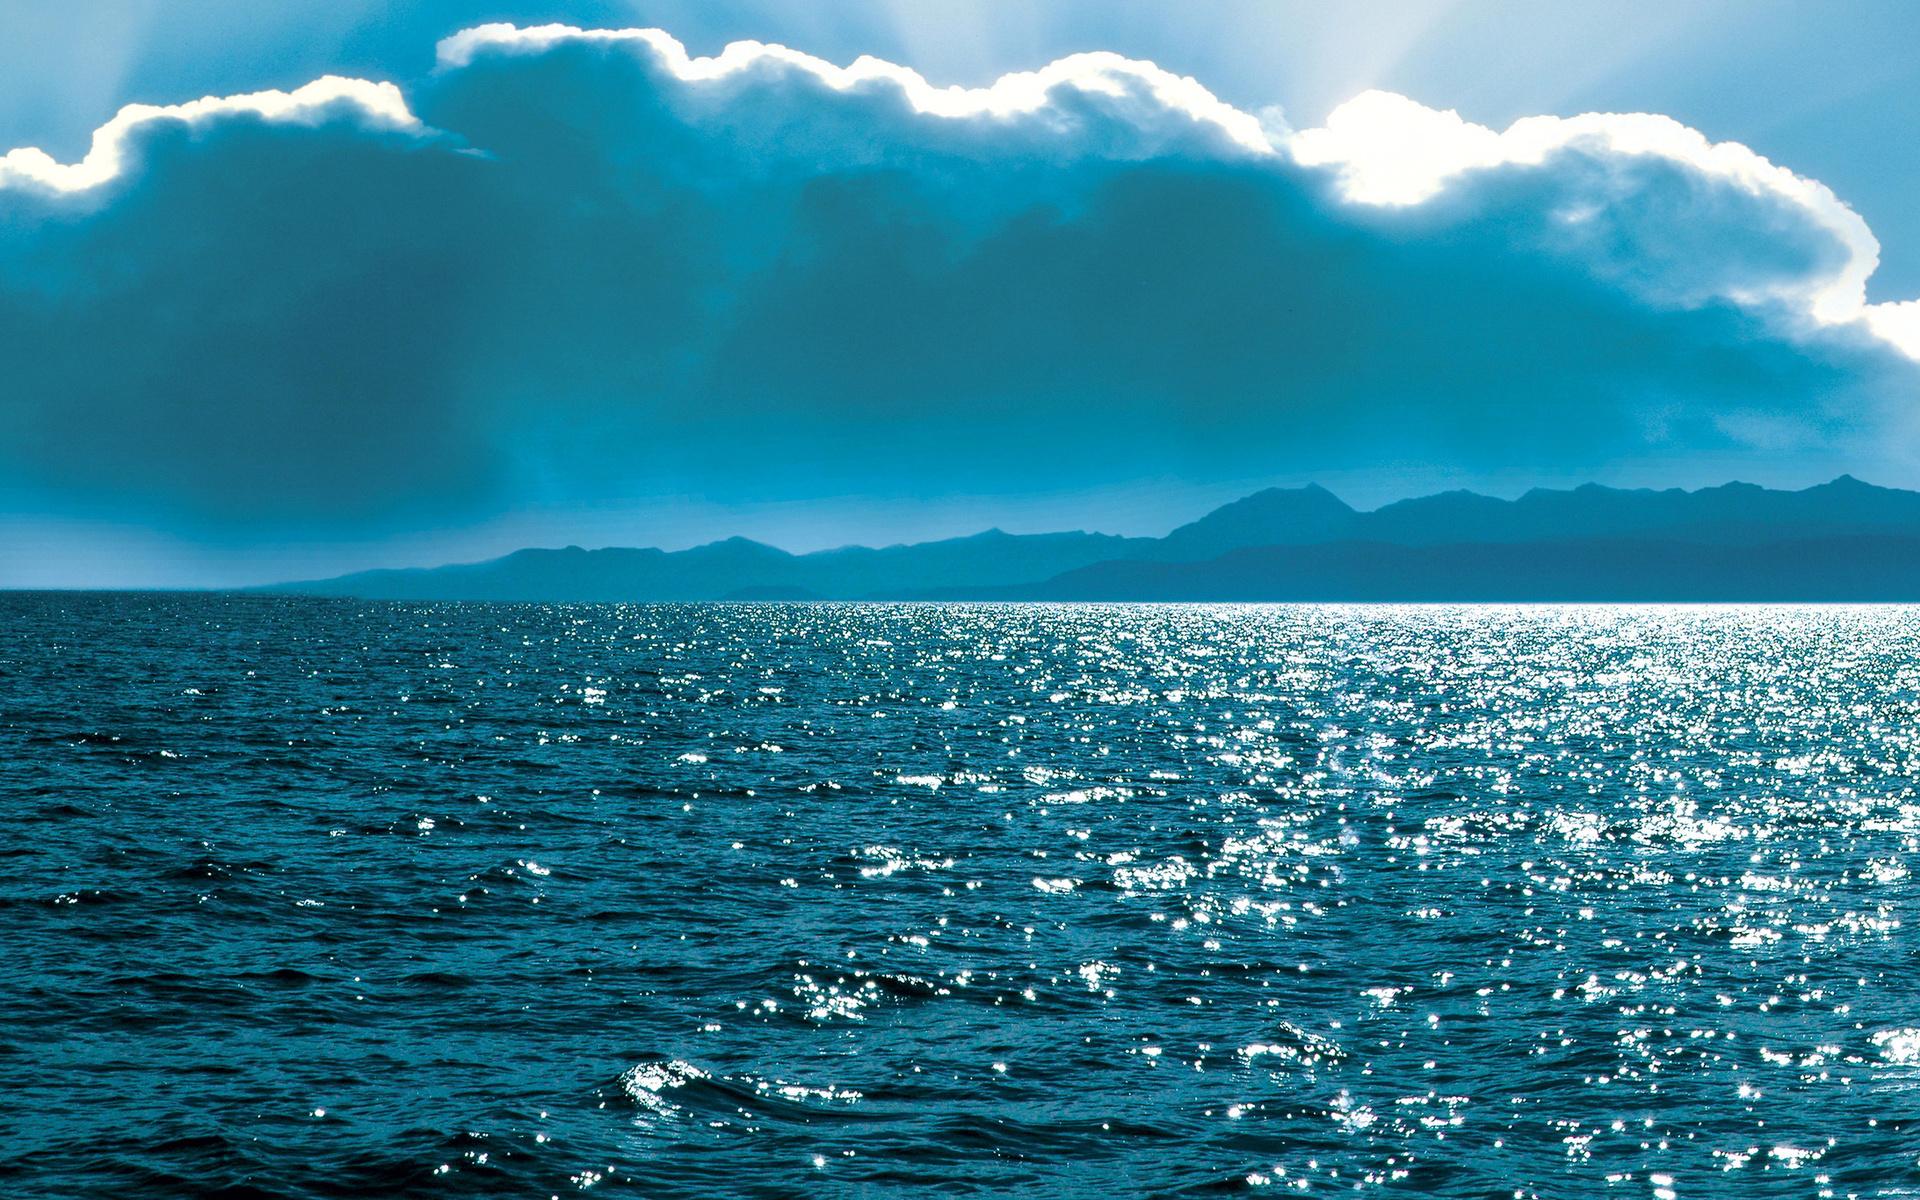 портретные картинка море в одном из своих нарядов том, как